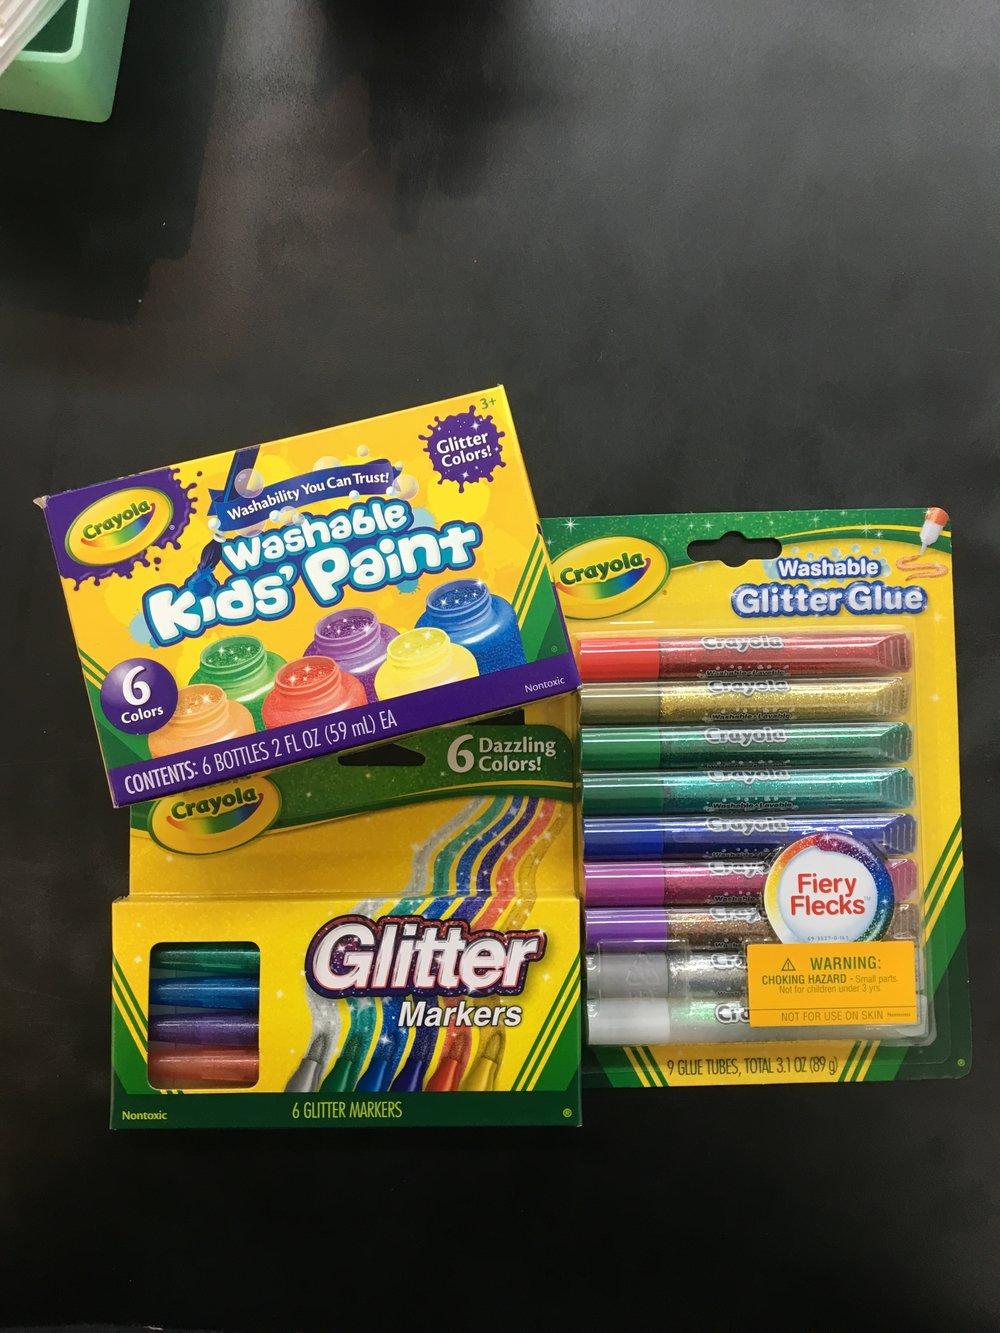 2. Mess Free Glitter